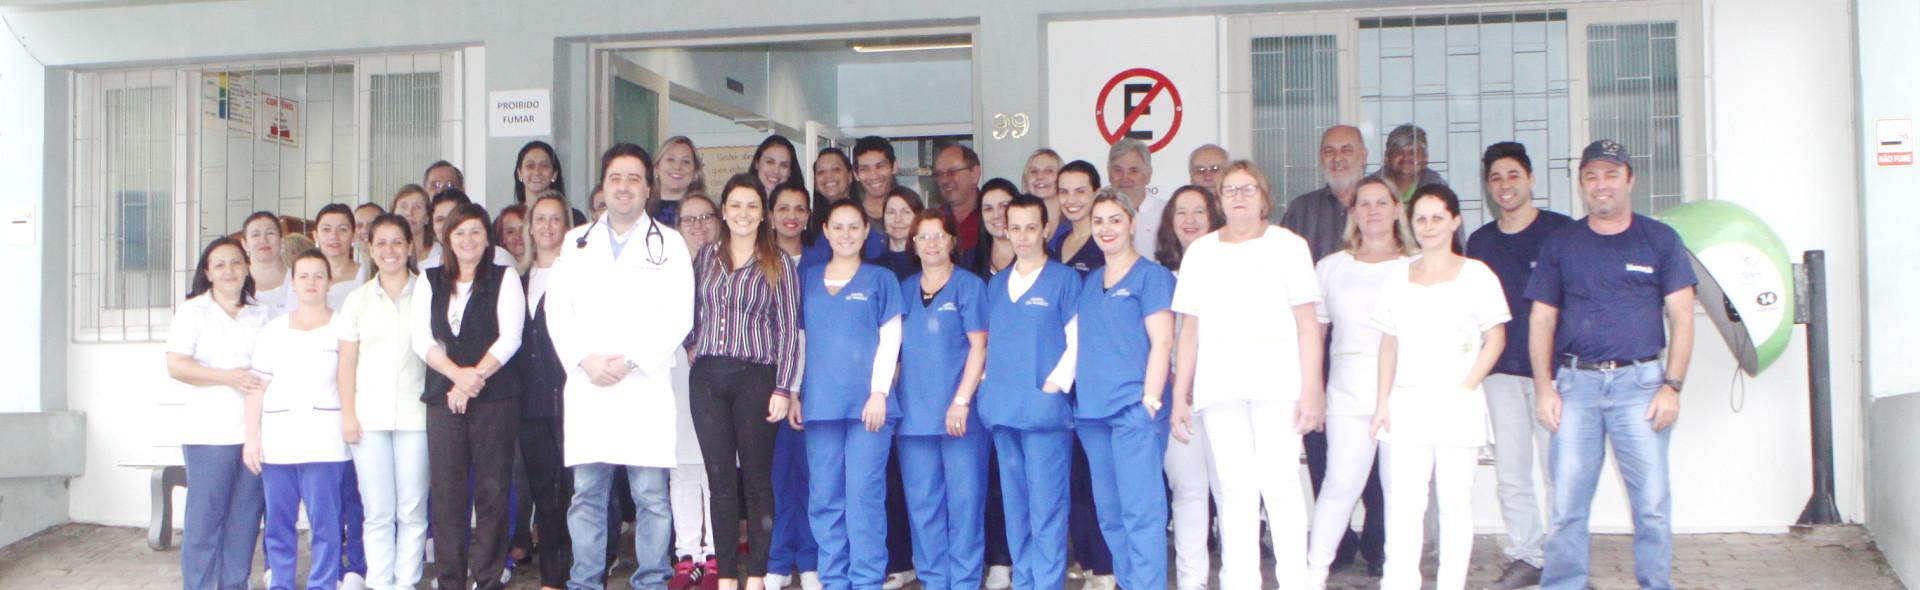 Corpo clínico od Hospital São Francisco de Assis